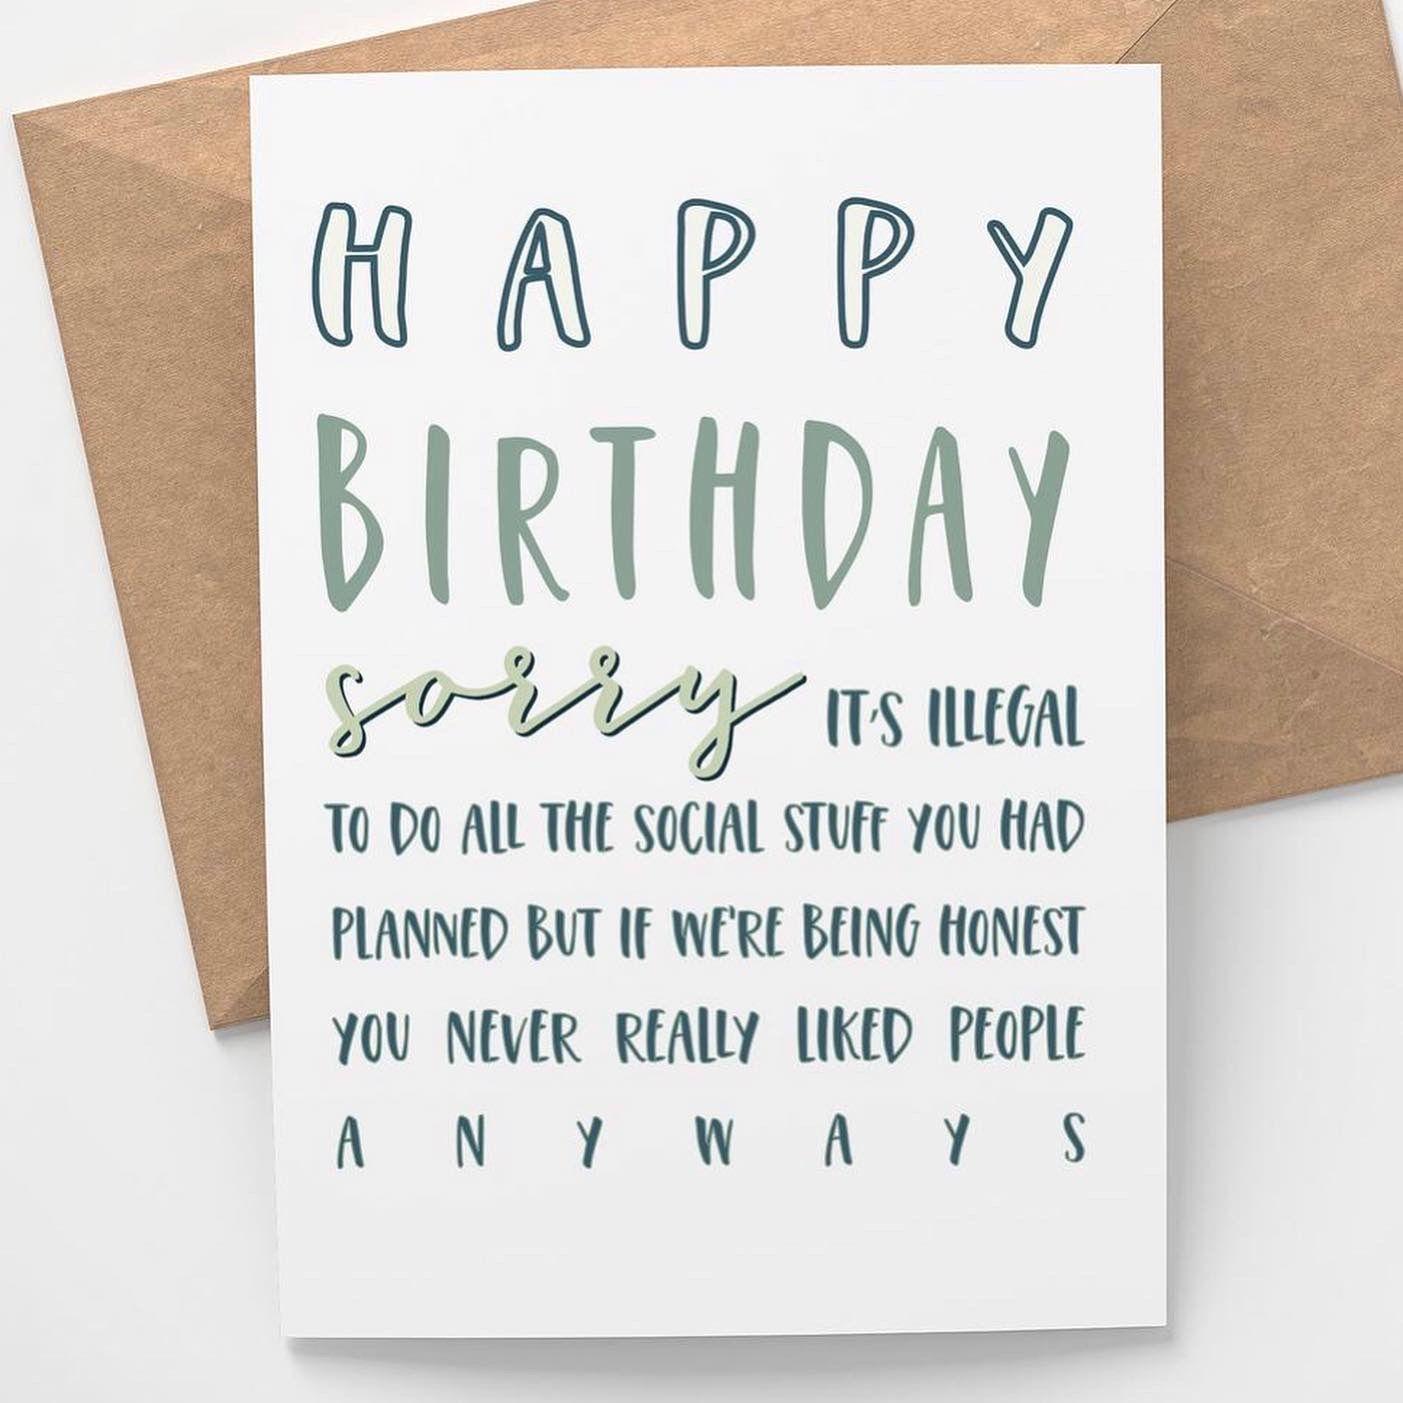 Happy Birthday Friend Best Friend Birthday Card Funny Etsy Birthday Cards For Friends Best Friend Birthday Cards Happy Birthday Friend